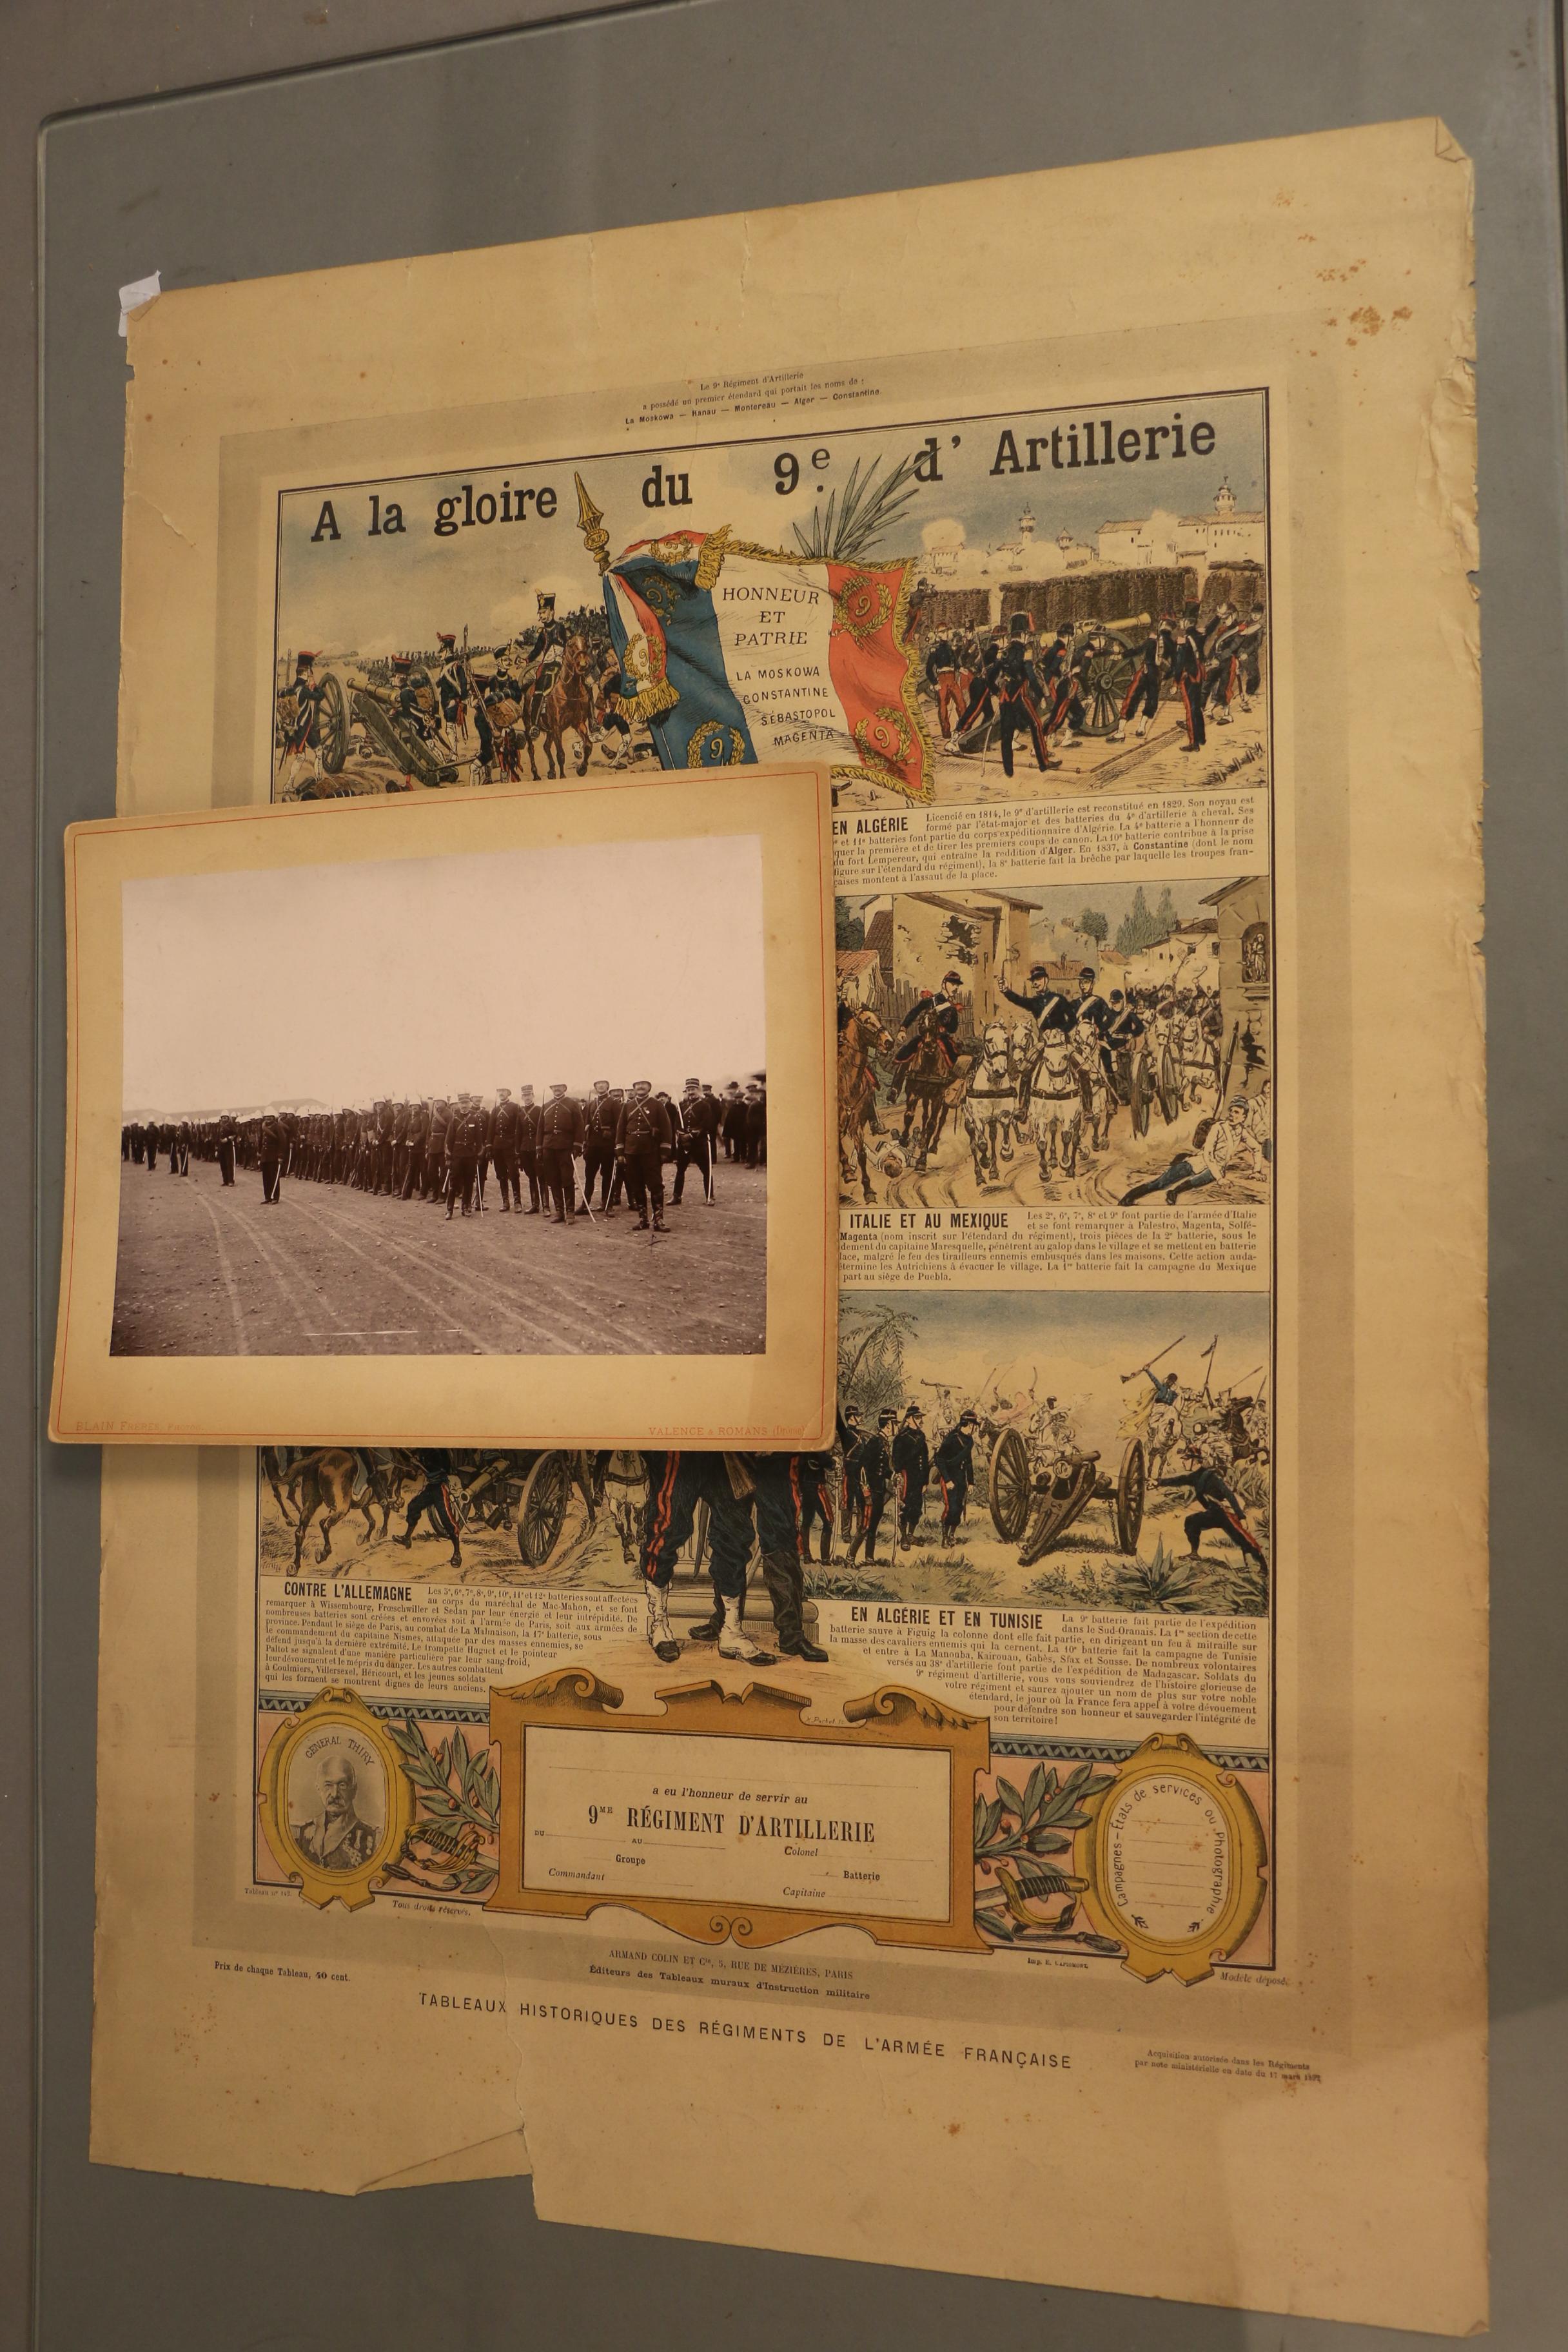 Tableau Historique A La Gloire Du 9eme Regiment D Artillerie Vierge On Joint Lot 35 Militaria Armes Souvenirs Historiques Chez Cortot Vregille Bizouard Auction Fr